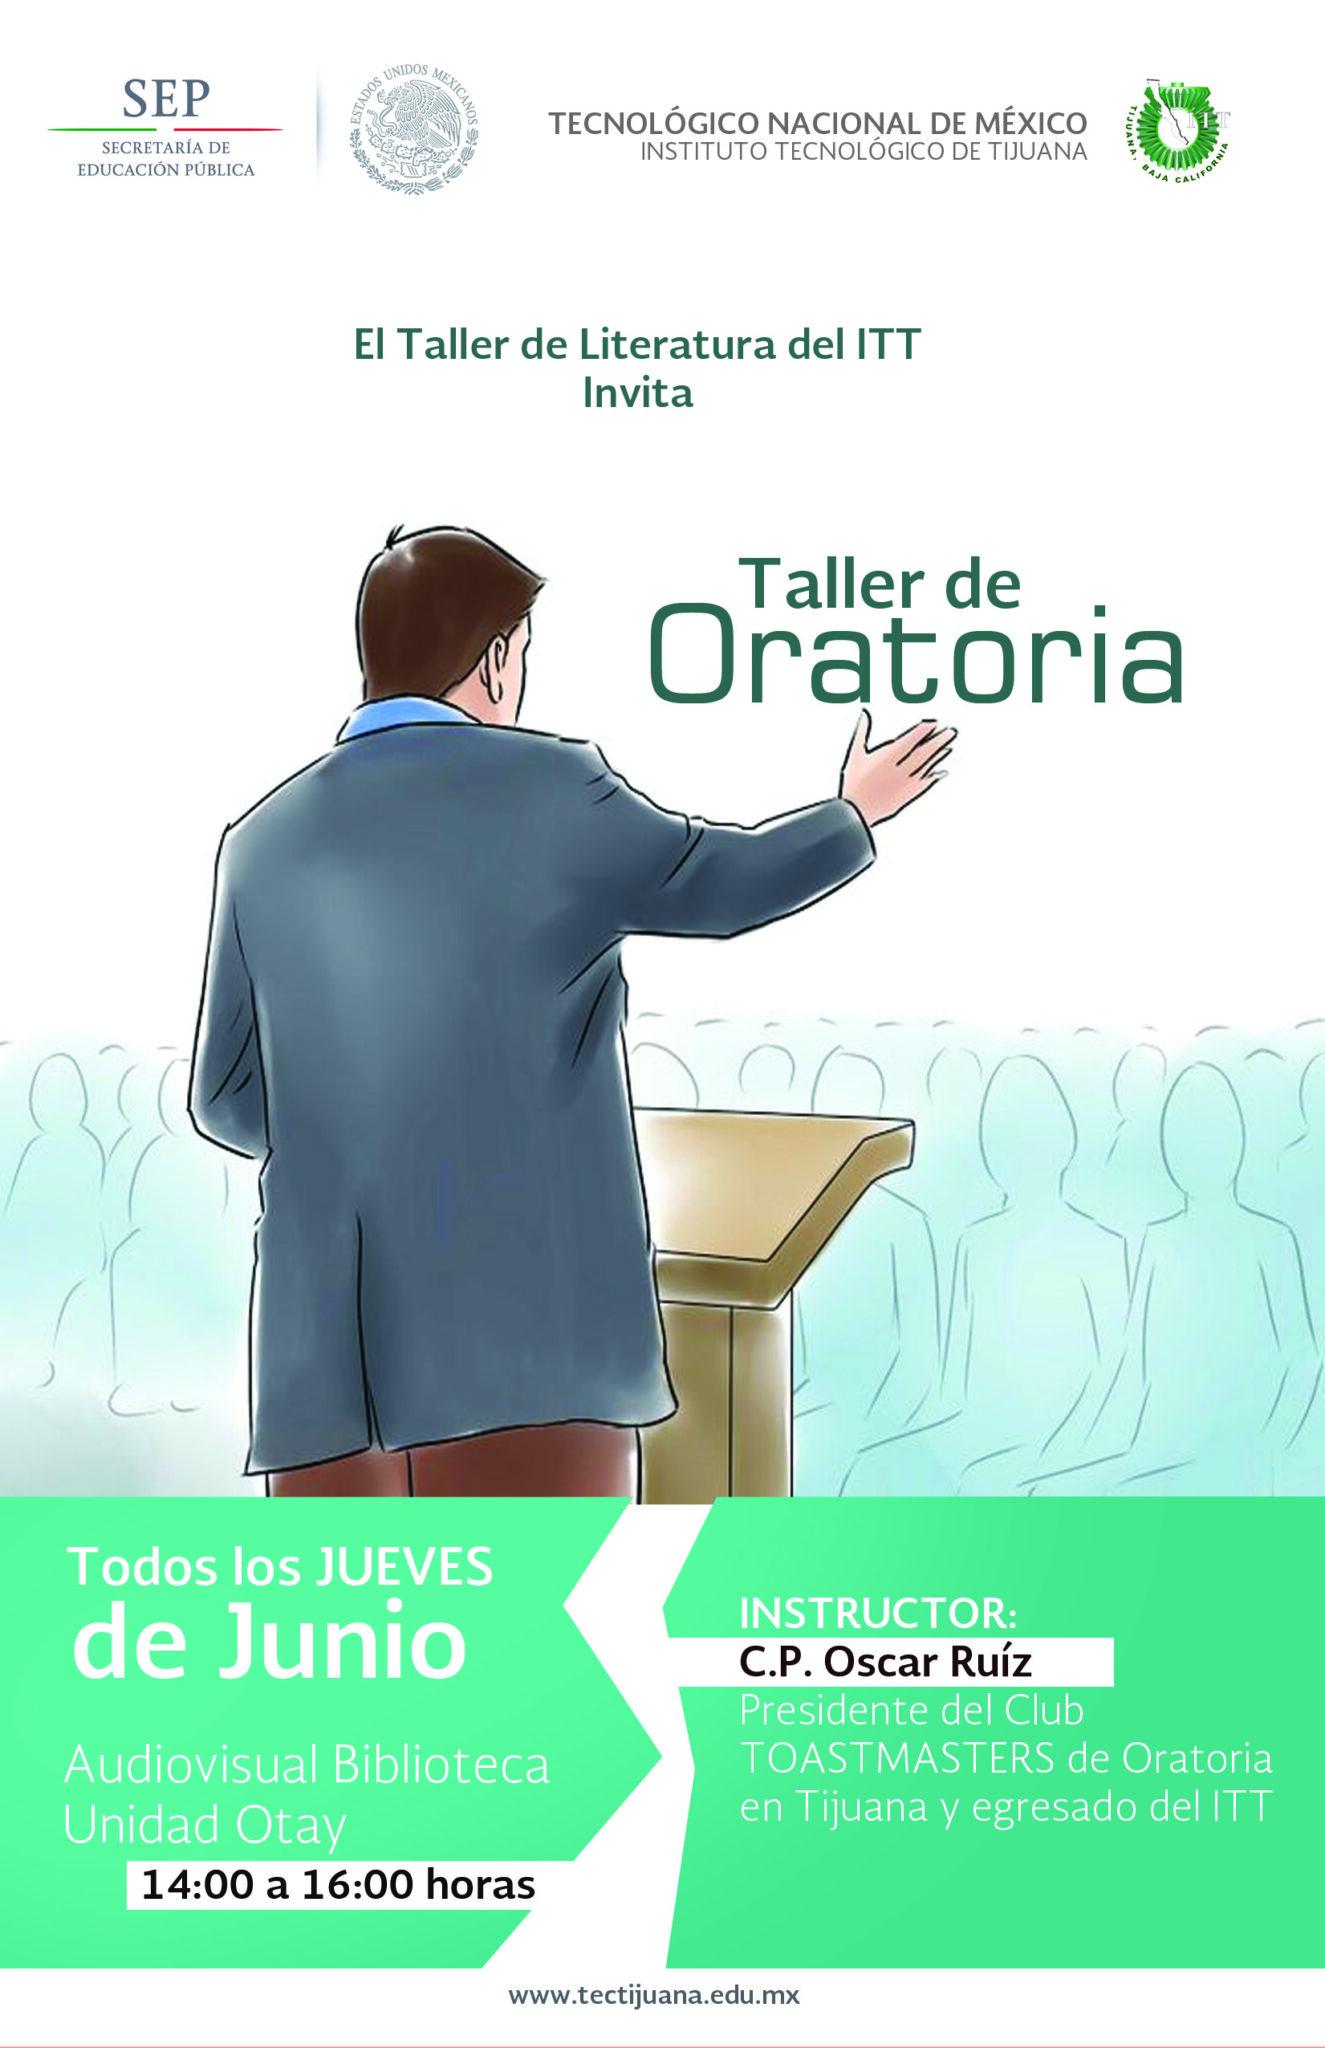 ORATORIA POSTER 2016